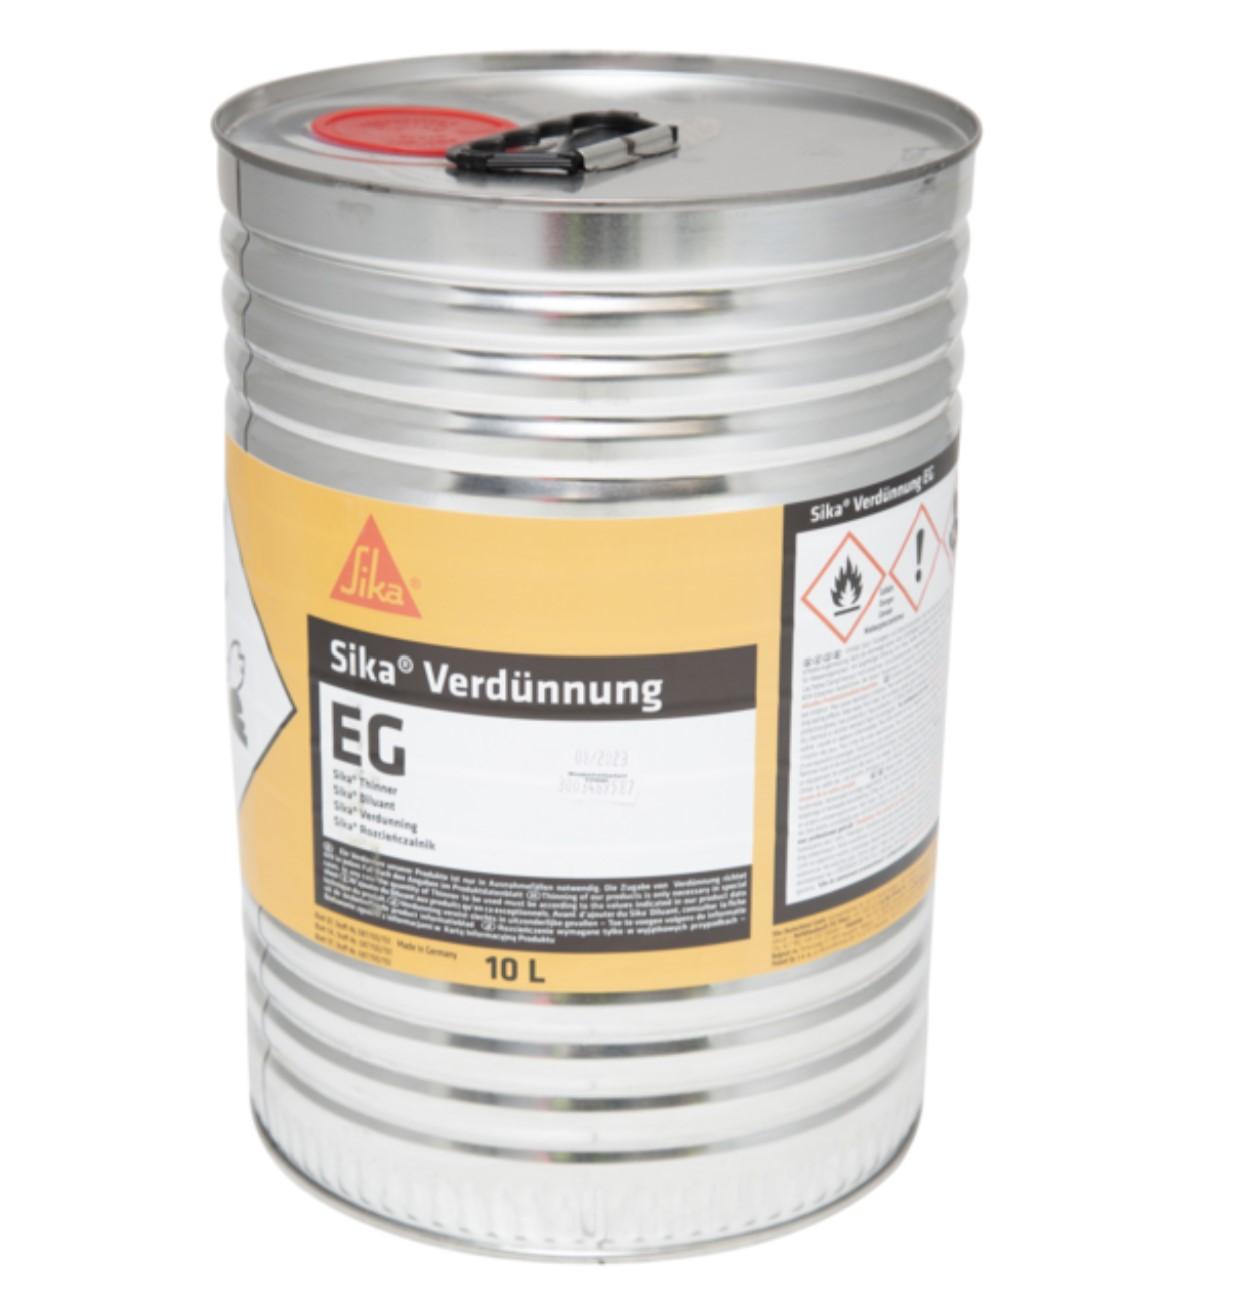 Sika Thinner EG (10 litre)